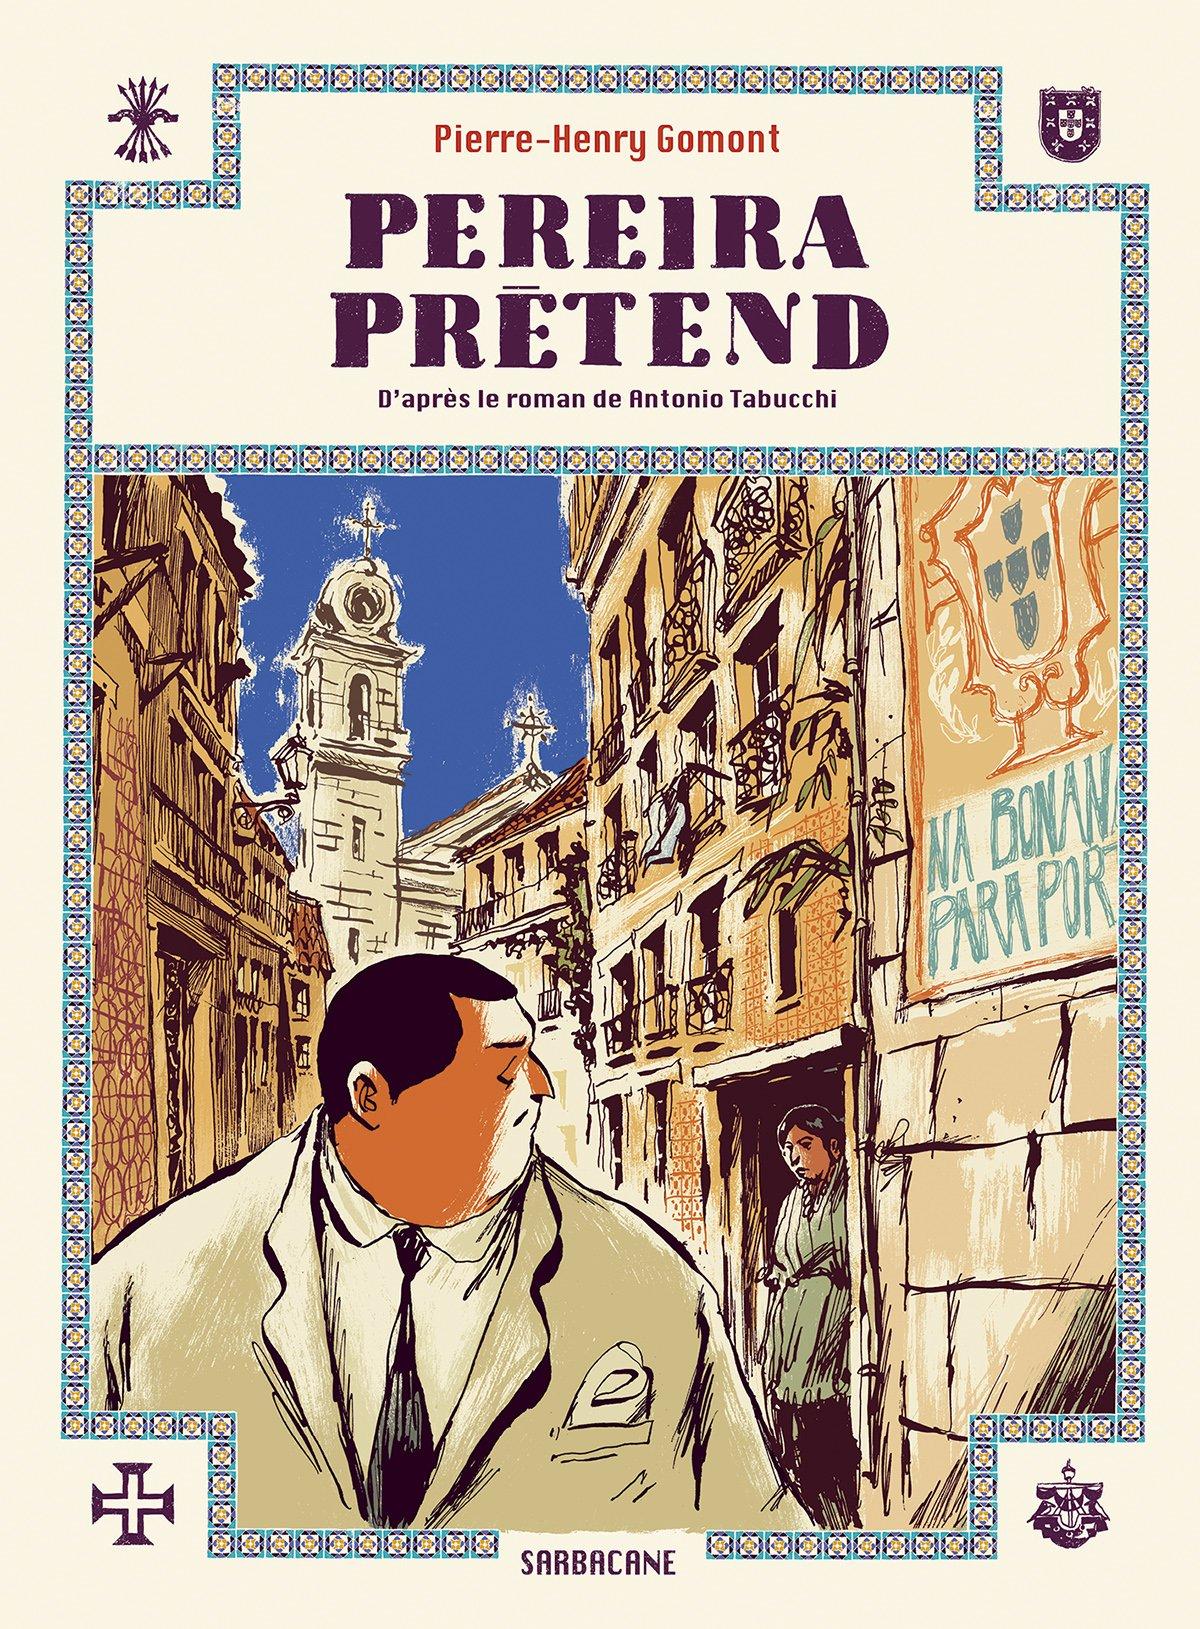 Pereira prétend Album – 3 septembre 2016 Pierre-Henry Gomont Antonio Tabucchi Editions Sarbacane 2848659149